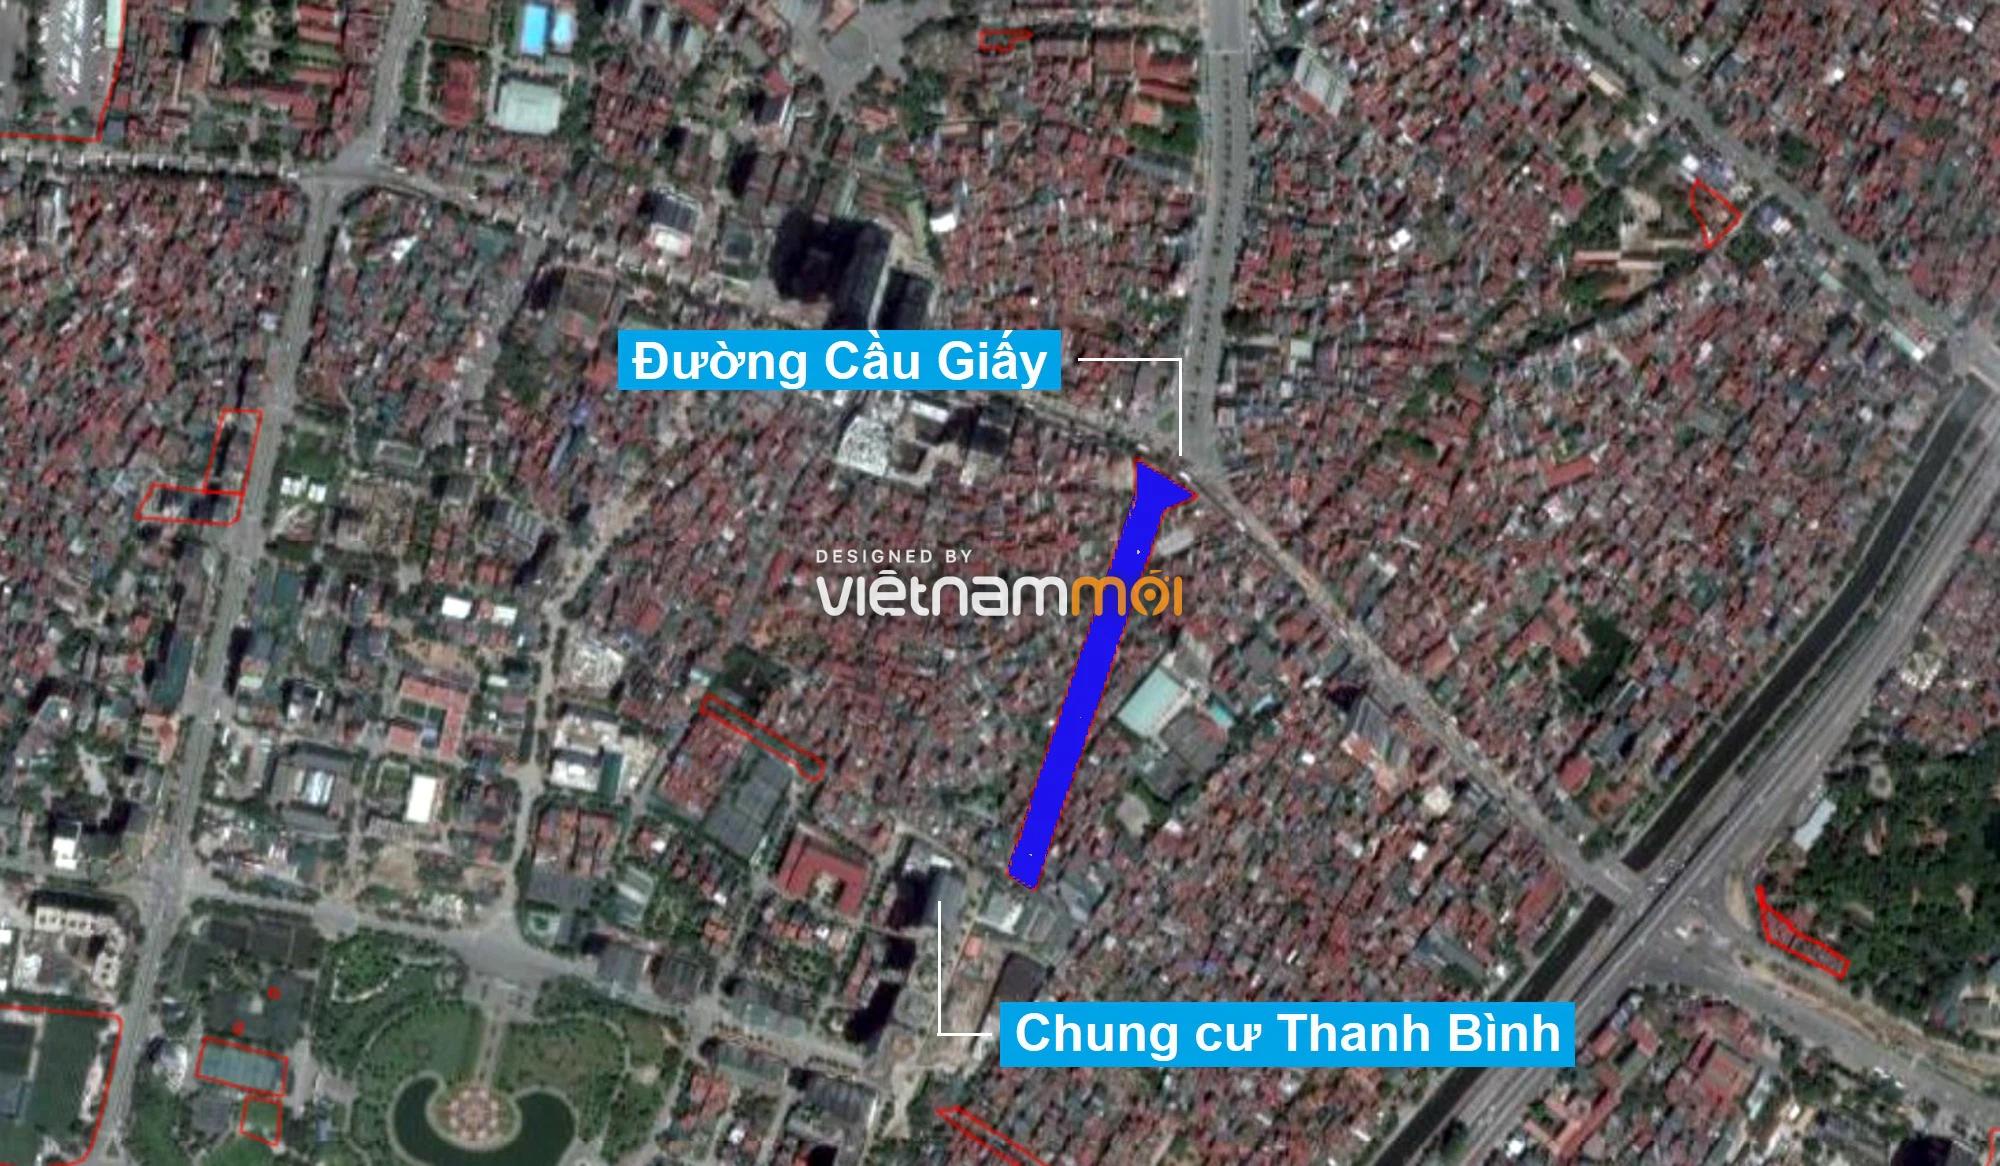 Những khu đất sắp thu hồi để mở đường ở quận Cầu Giấy, Hà Nội - Ảnh 9.